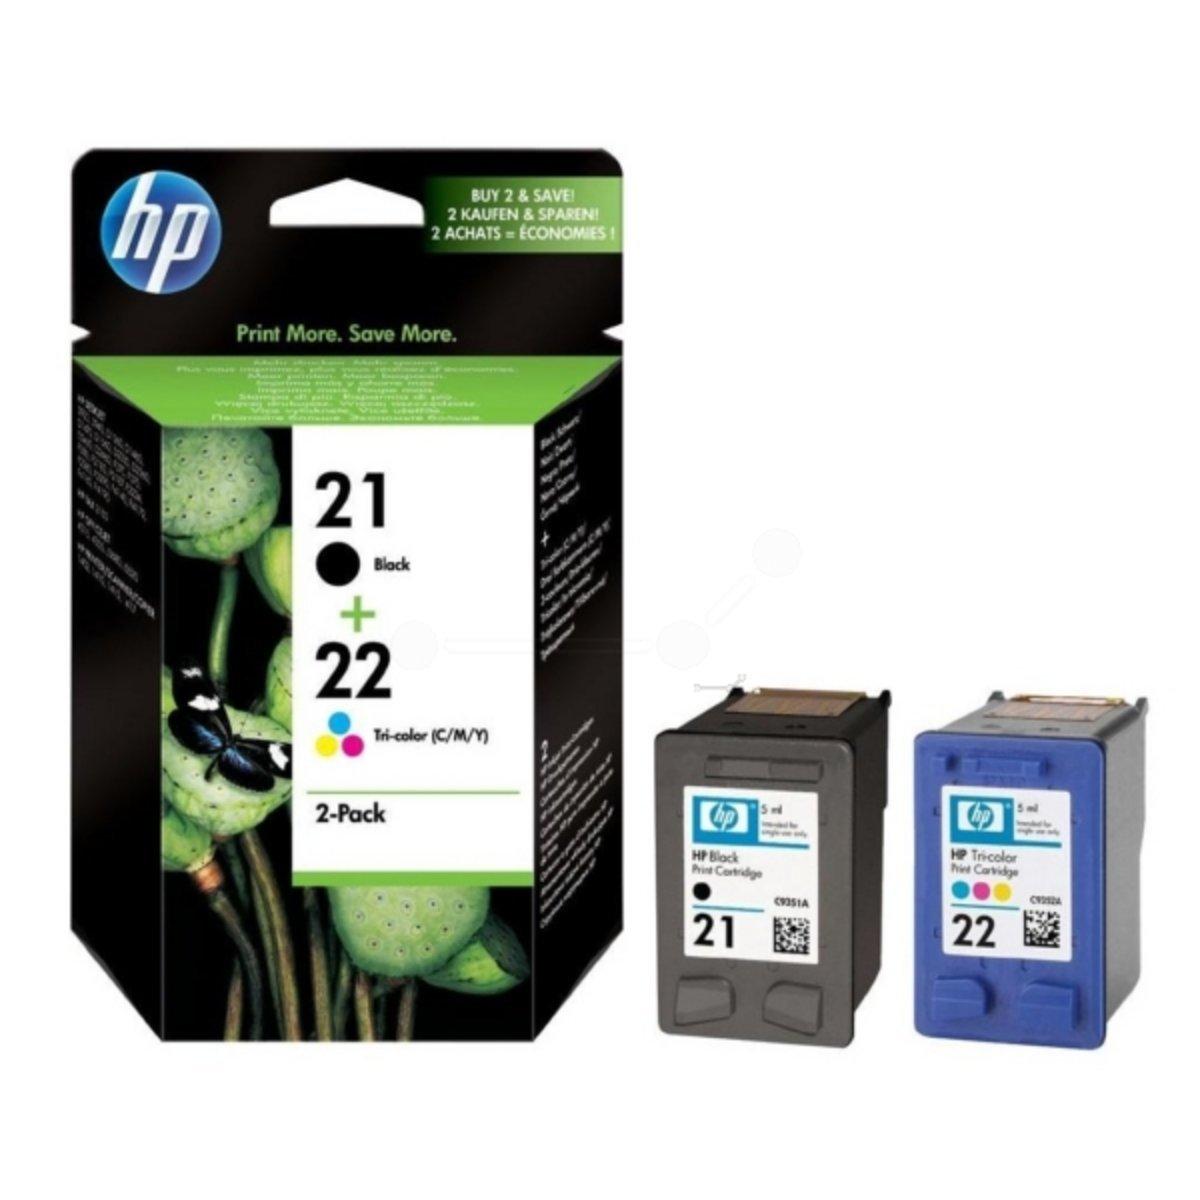 Original de tinta de ahorro-Set HP No, 21 & Nr 22 SD367AE445 - 2 tintas-cartuchos - colour negro, Cian, magenta, amarillo - 360 páginas: Amazon.es: Informática